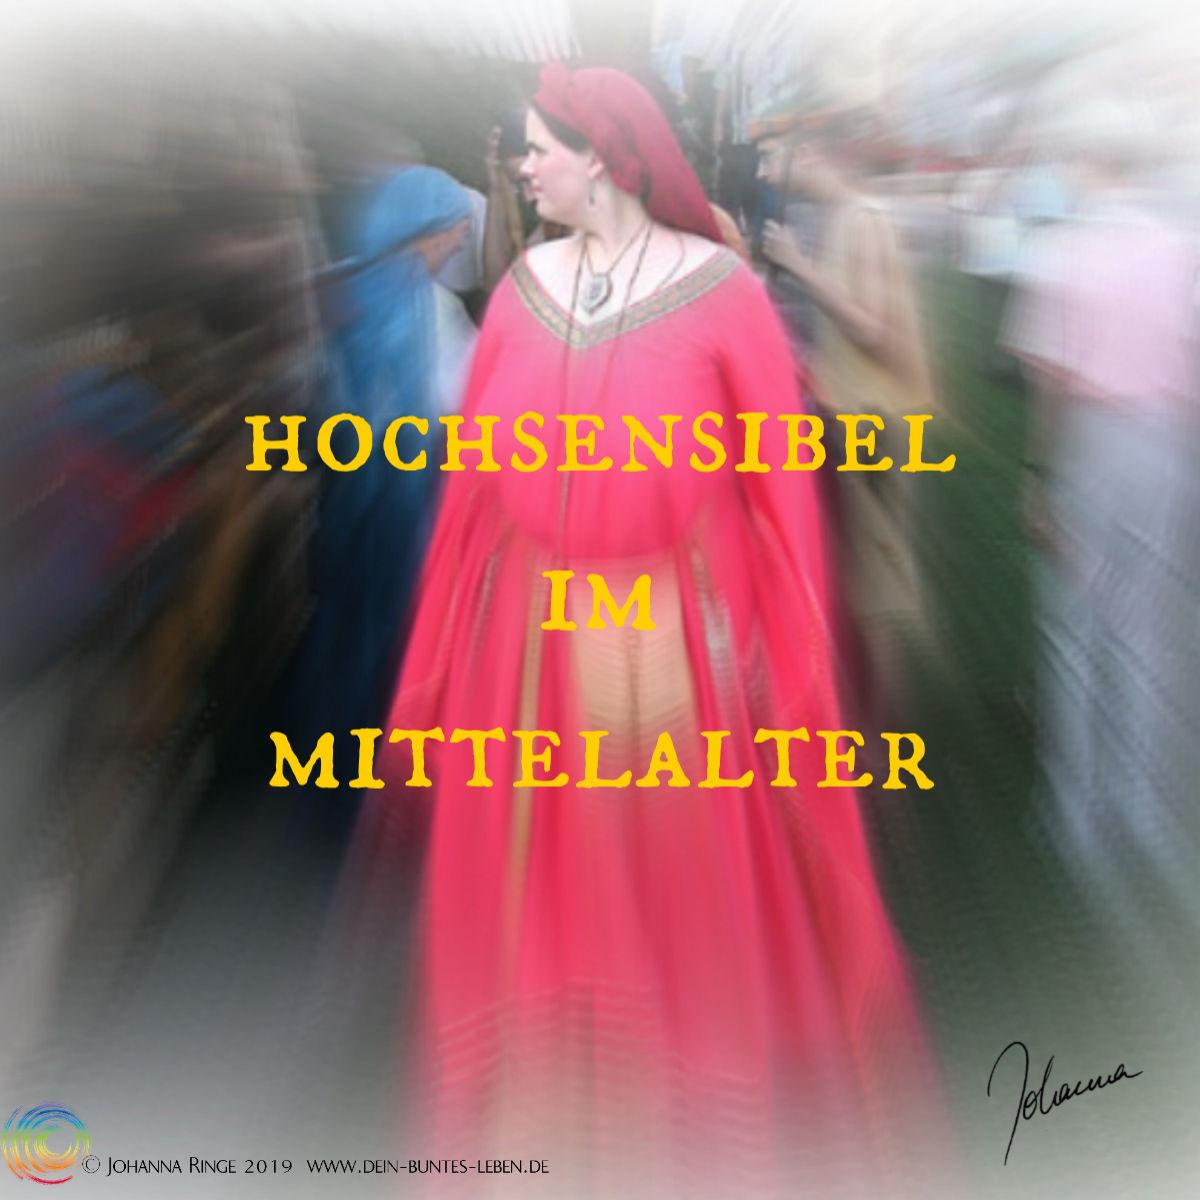 Frau in Mittelalter -licher Gewandung in einer Menschenmenge. ©Johanna Ringe 2019 www.dein-buntes-leben.de